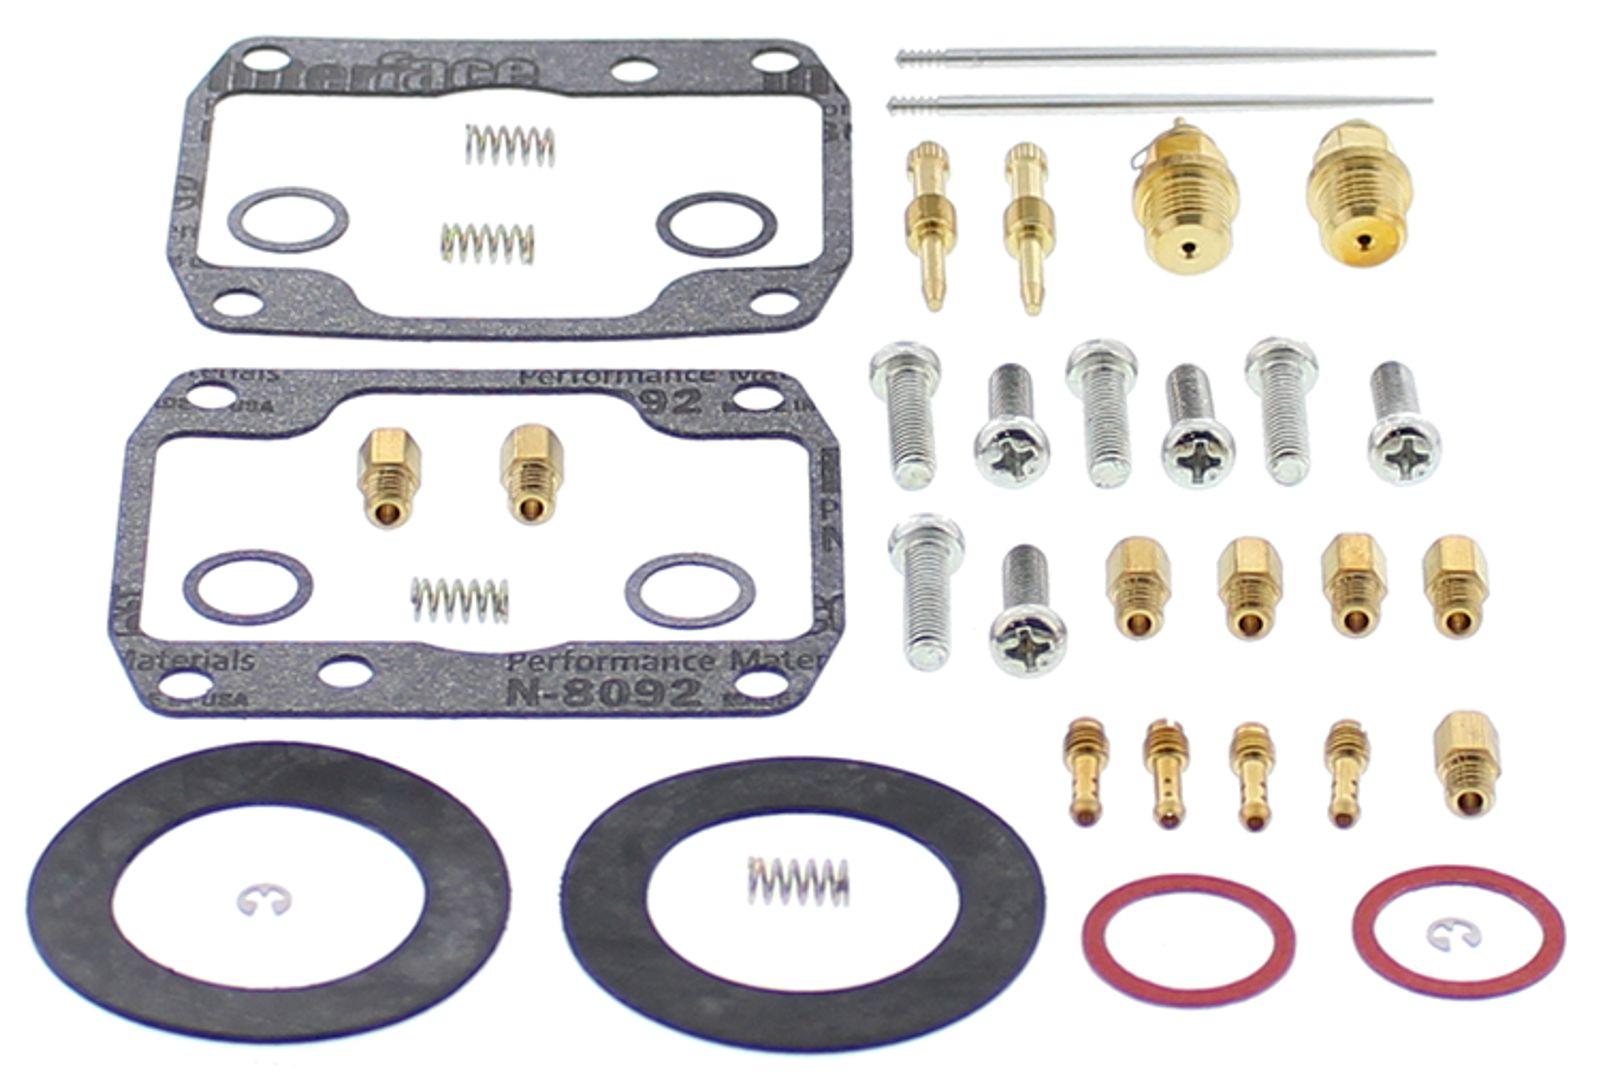 Wrp Carb Repair Kits - WRP2610000 image